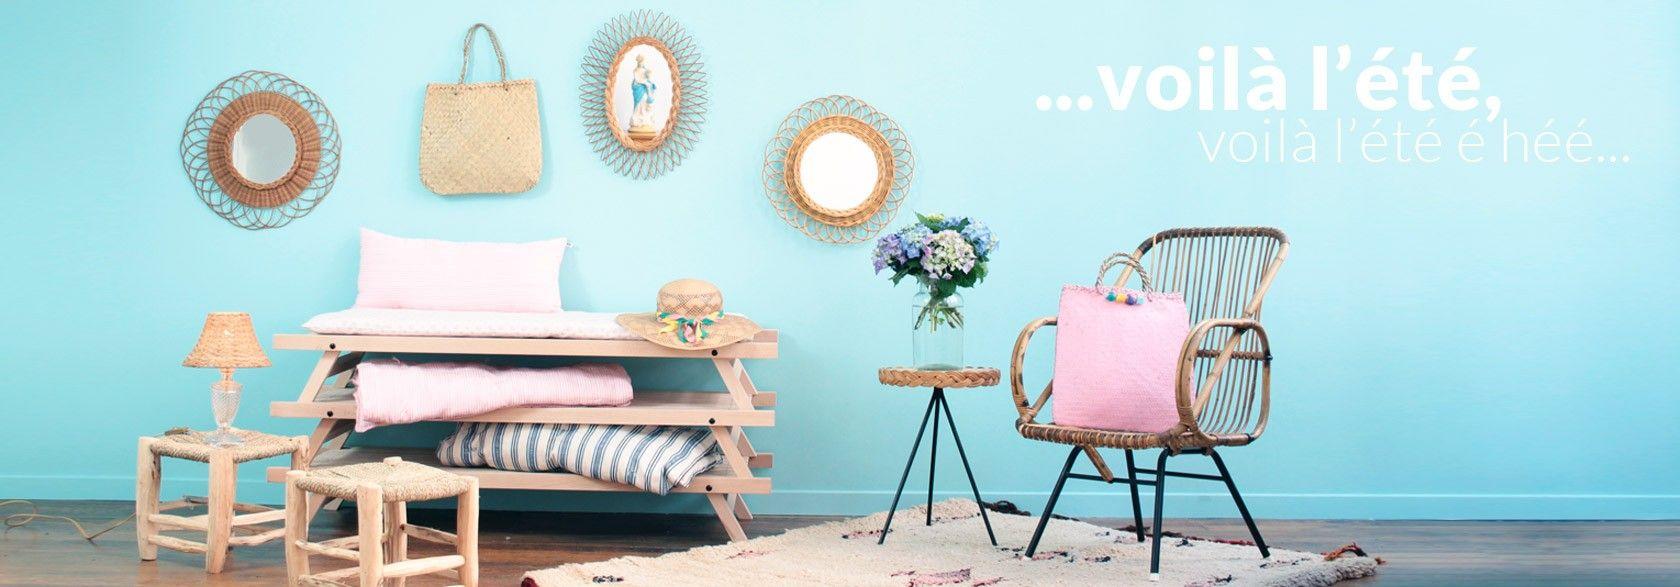 Mobilier vintage et beaux objets de décoration - Fresh and Vintage ...